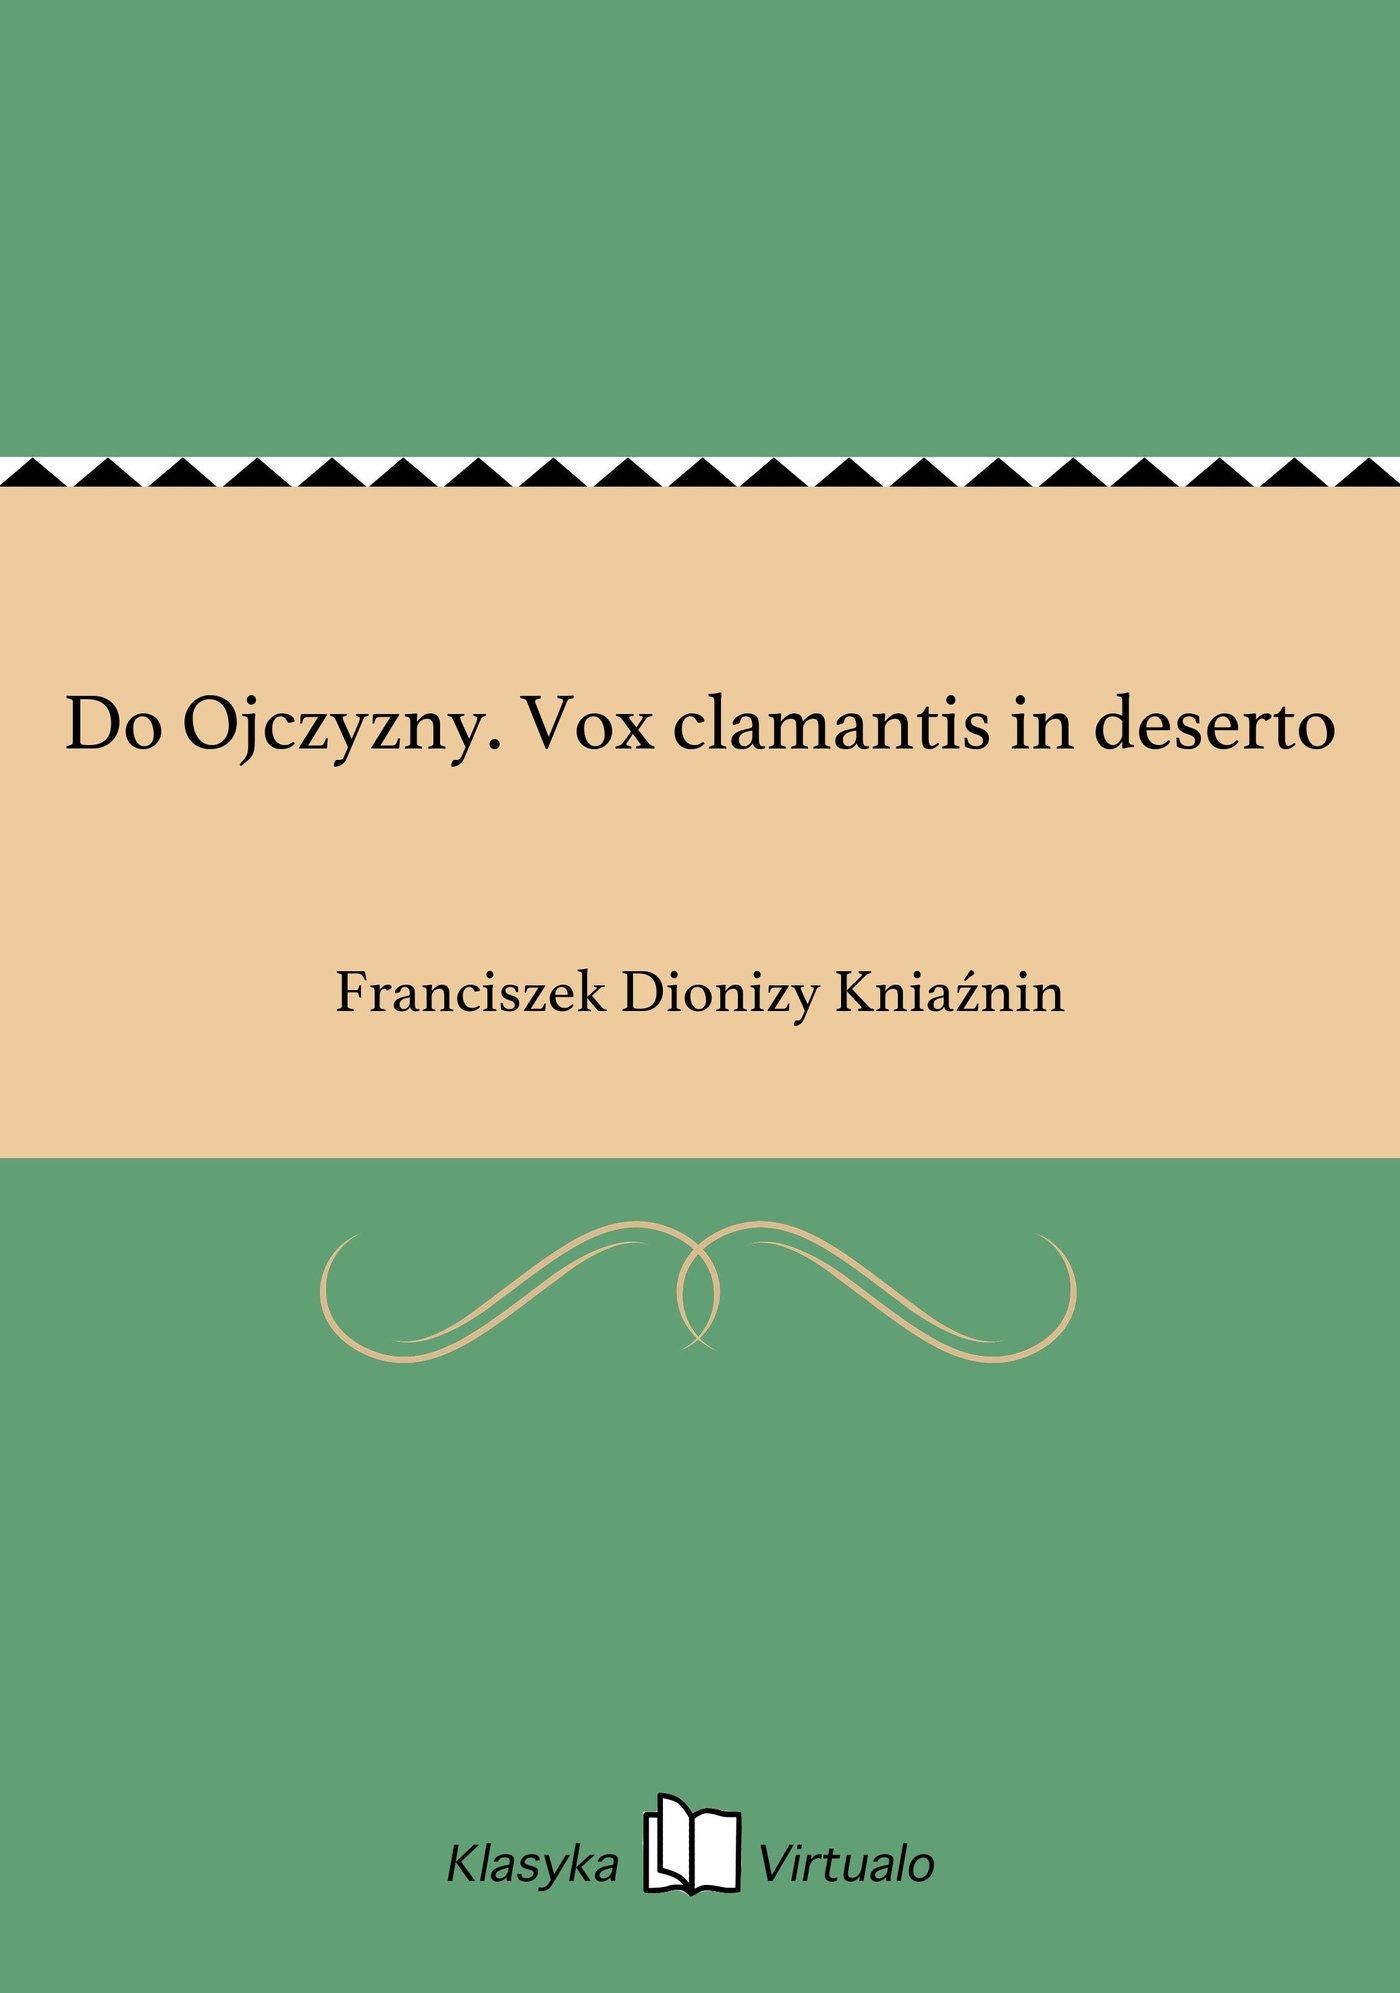 Do Ojczyzny. Vox clamantis in deserto - Ebook (Książka EPUB) do pobrania w formacie EPUB